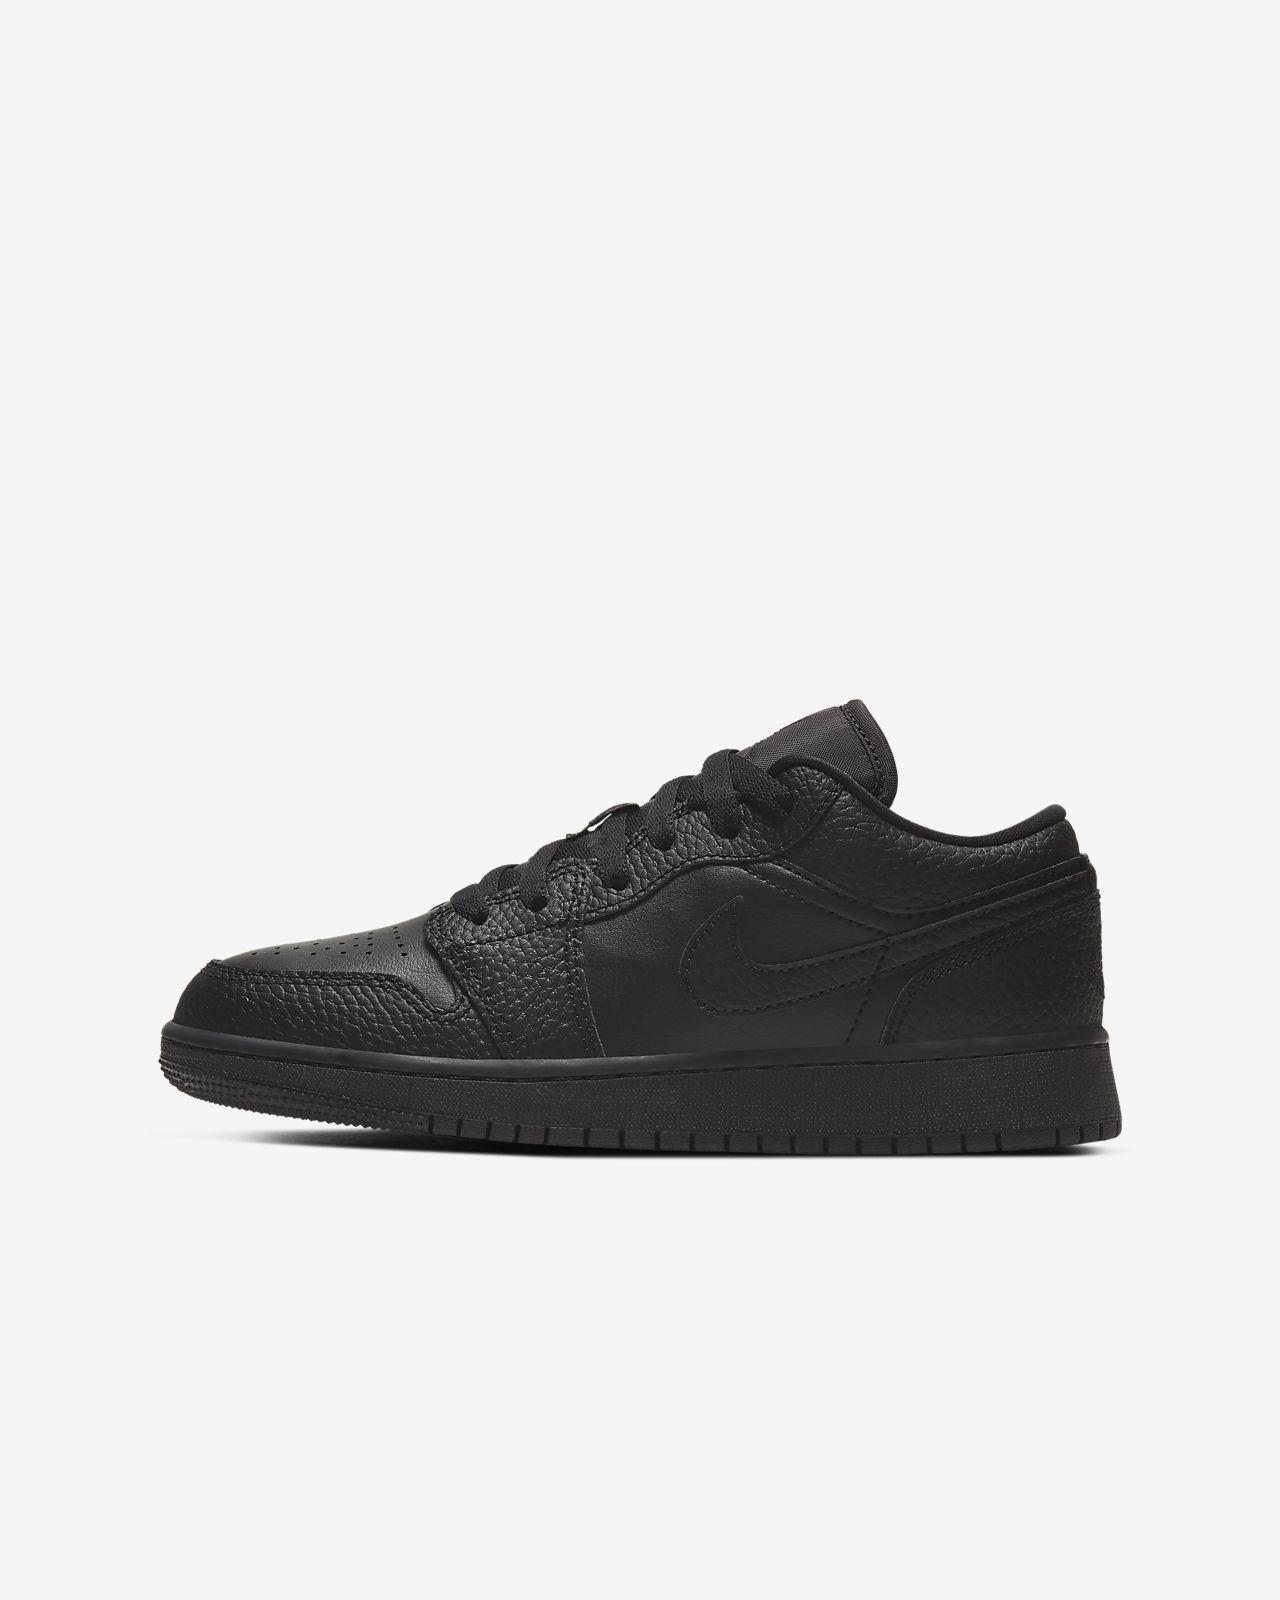 Sko Air Jordan 1 Low för ungdom